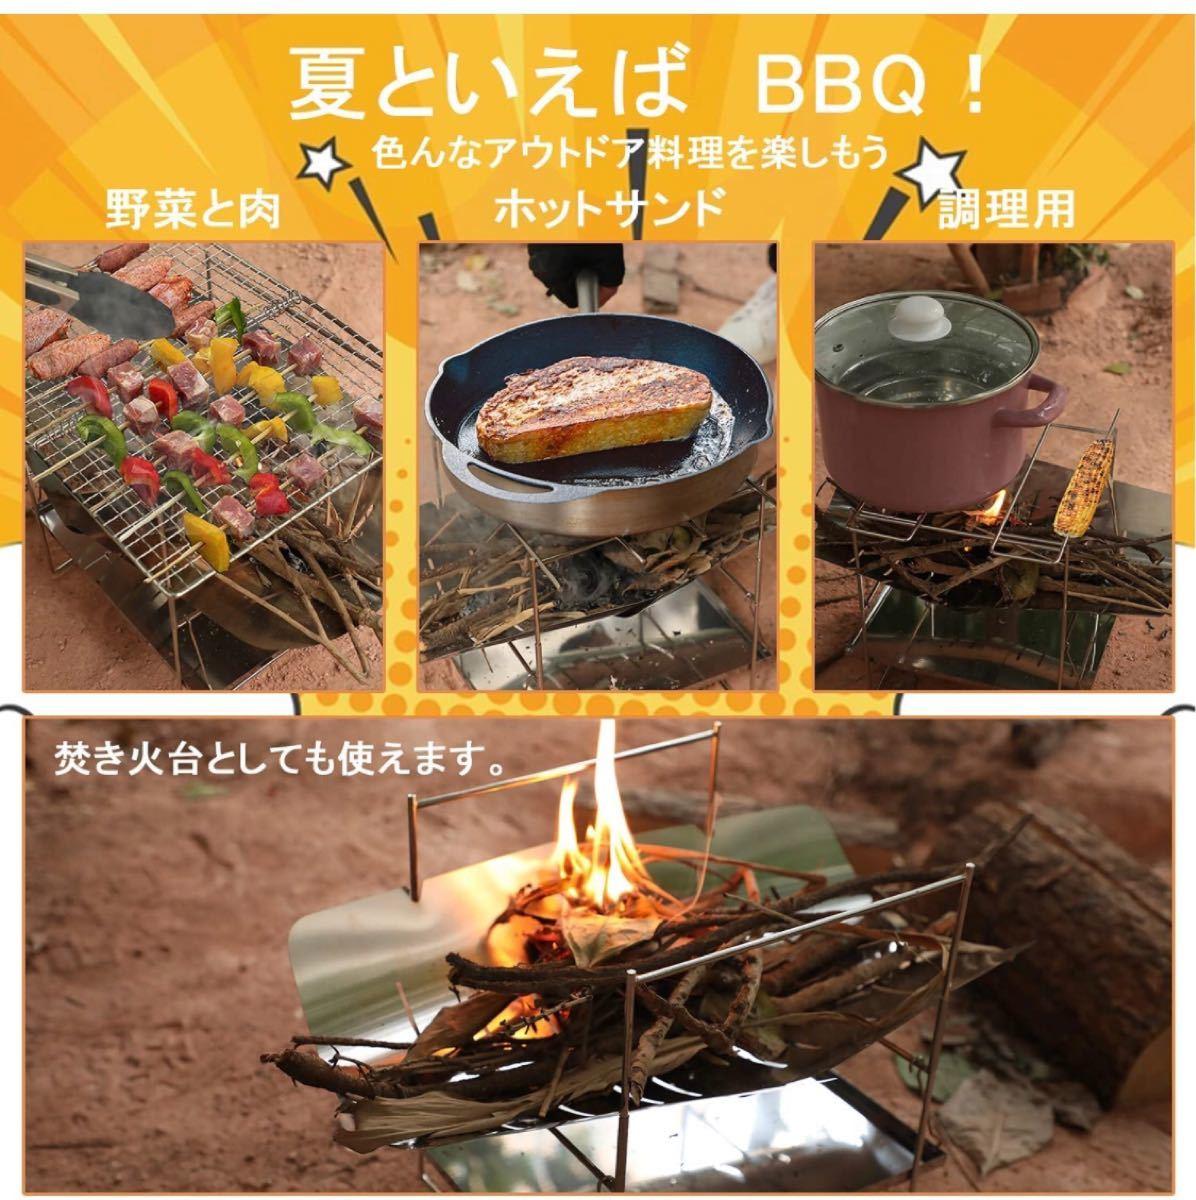 焚き火台 折りたたみ焚火台 コンパクト 焚き火台 キャンプ用 軽量 組立簡単